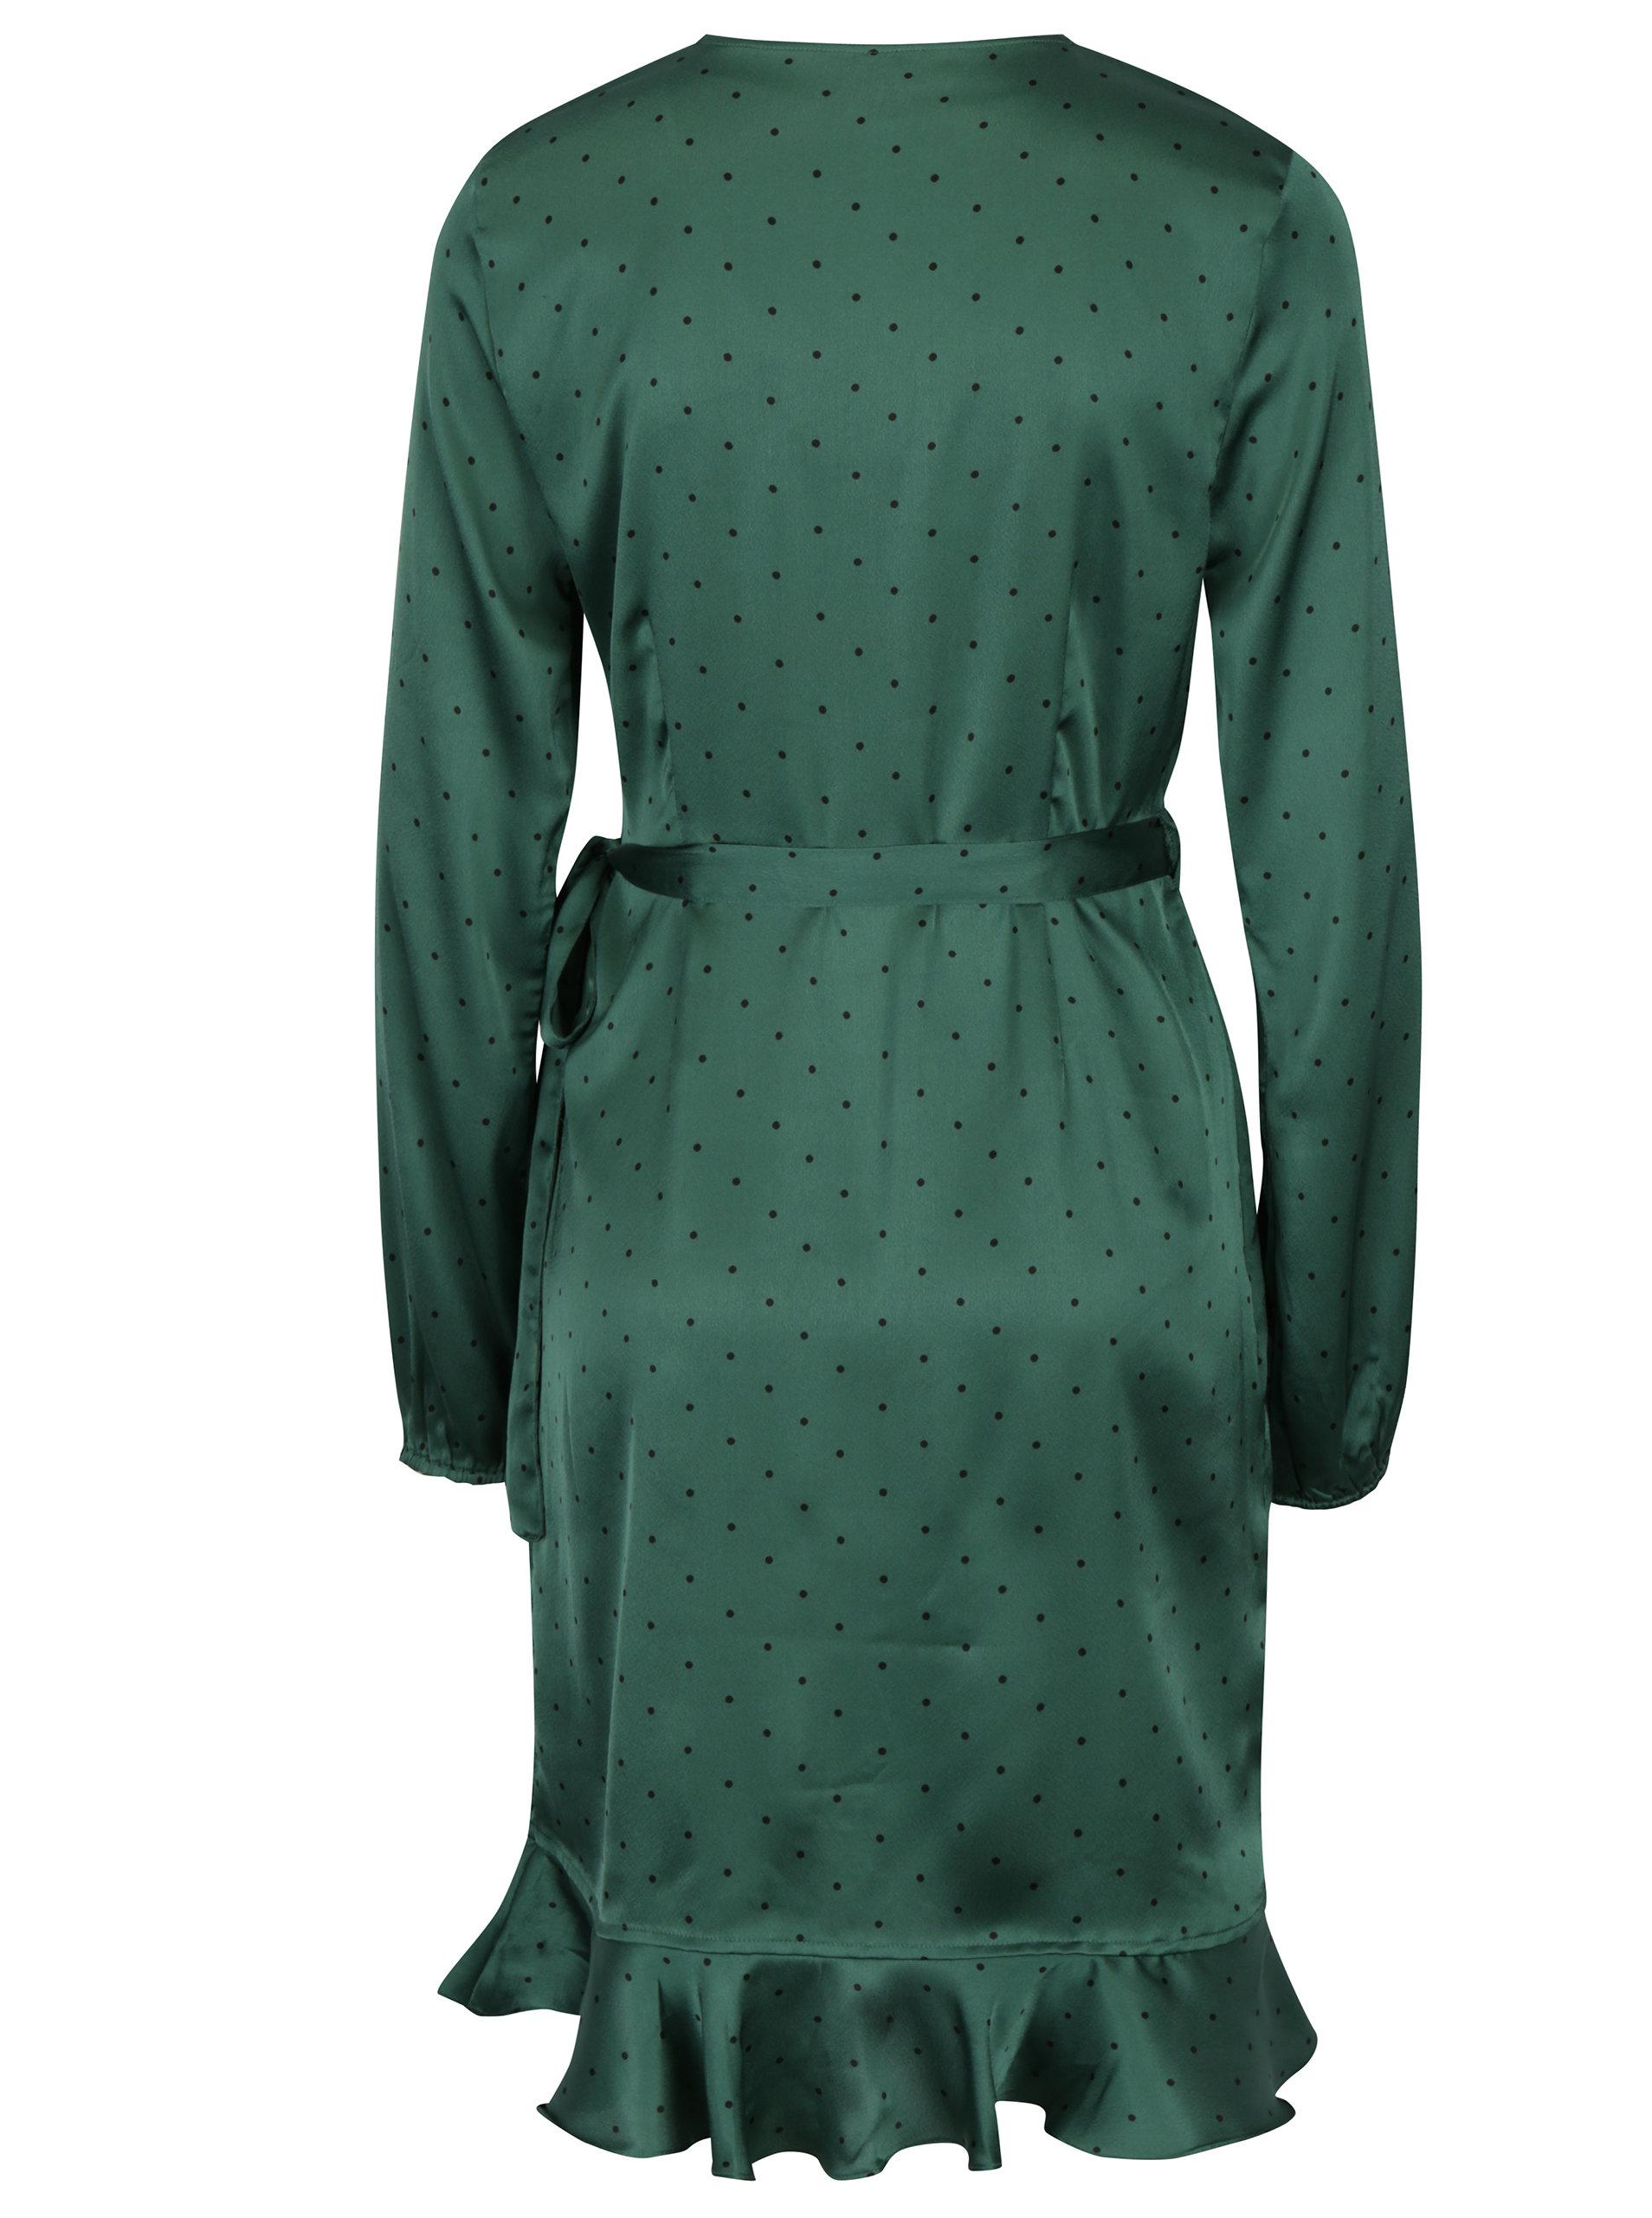 3edc283f0d4e Tmavozelené bodkované zavinovacie šaty VERO MODA Henna ...